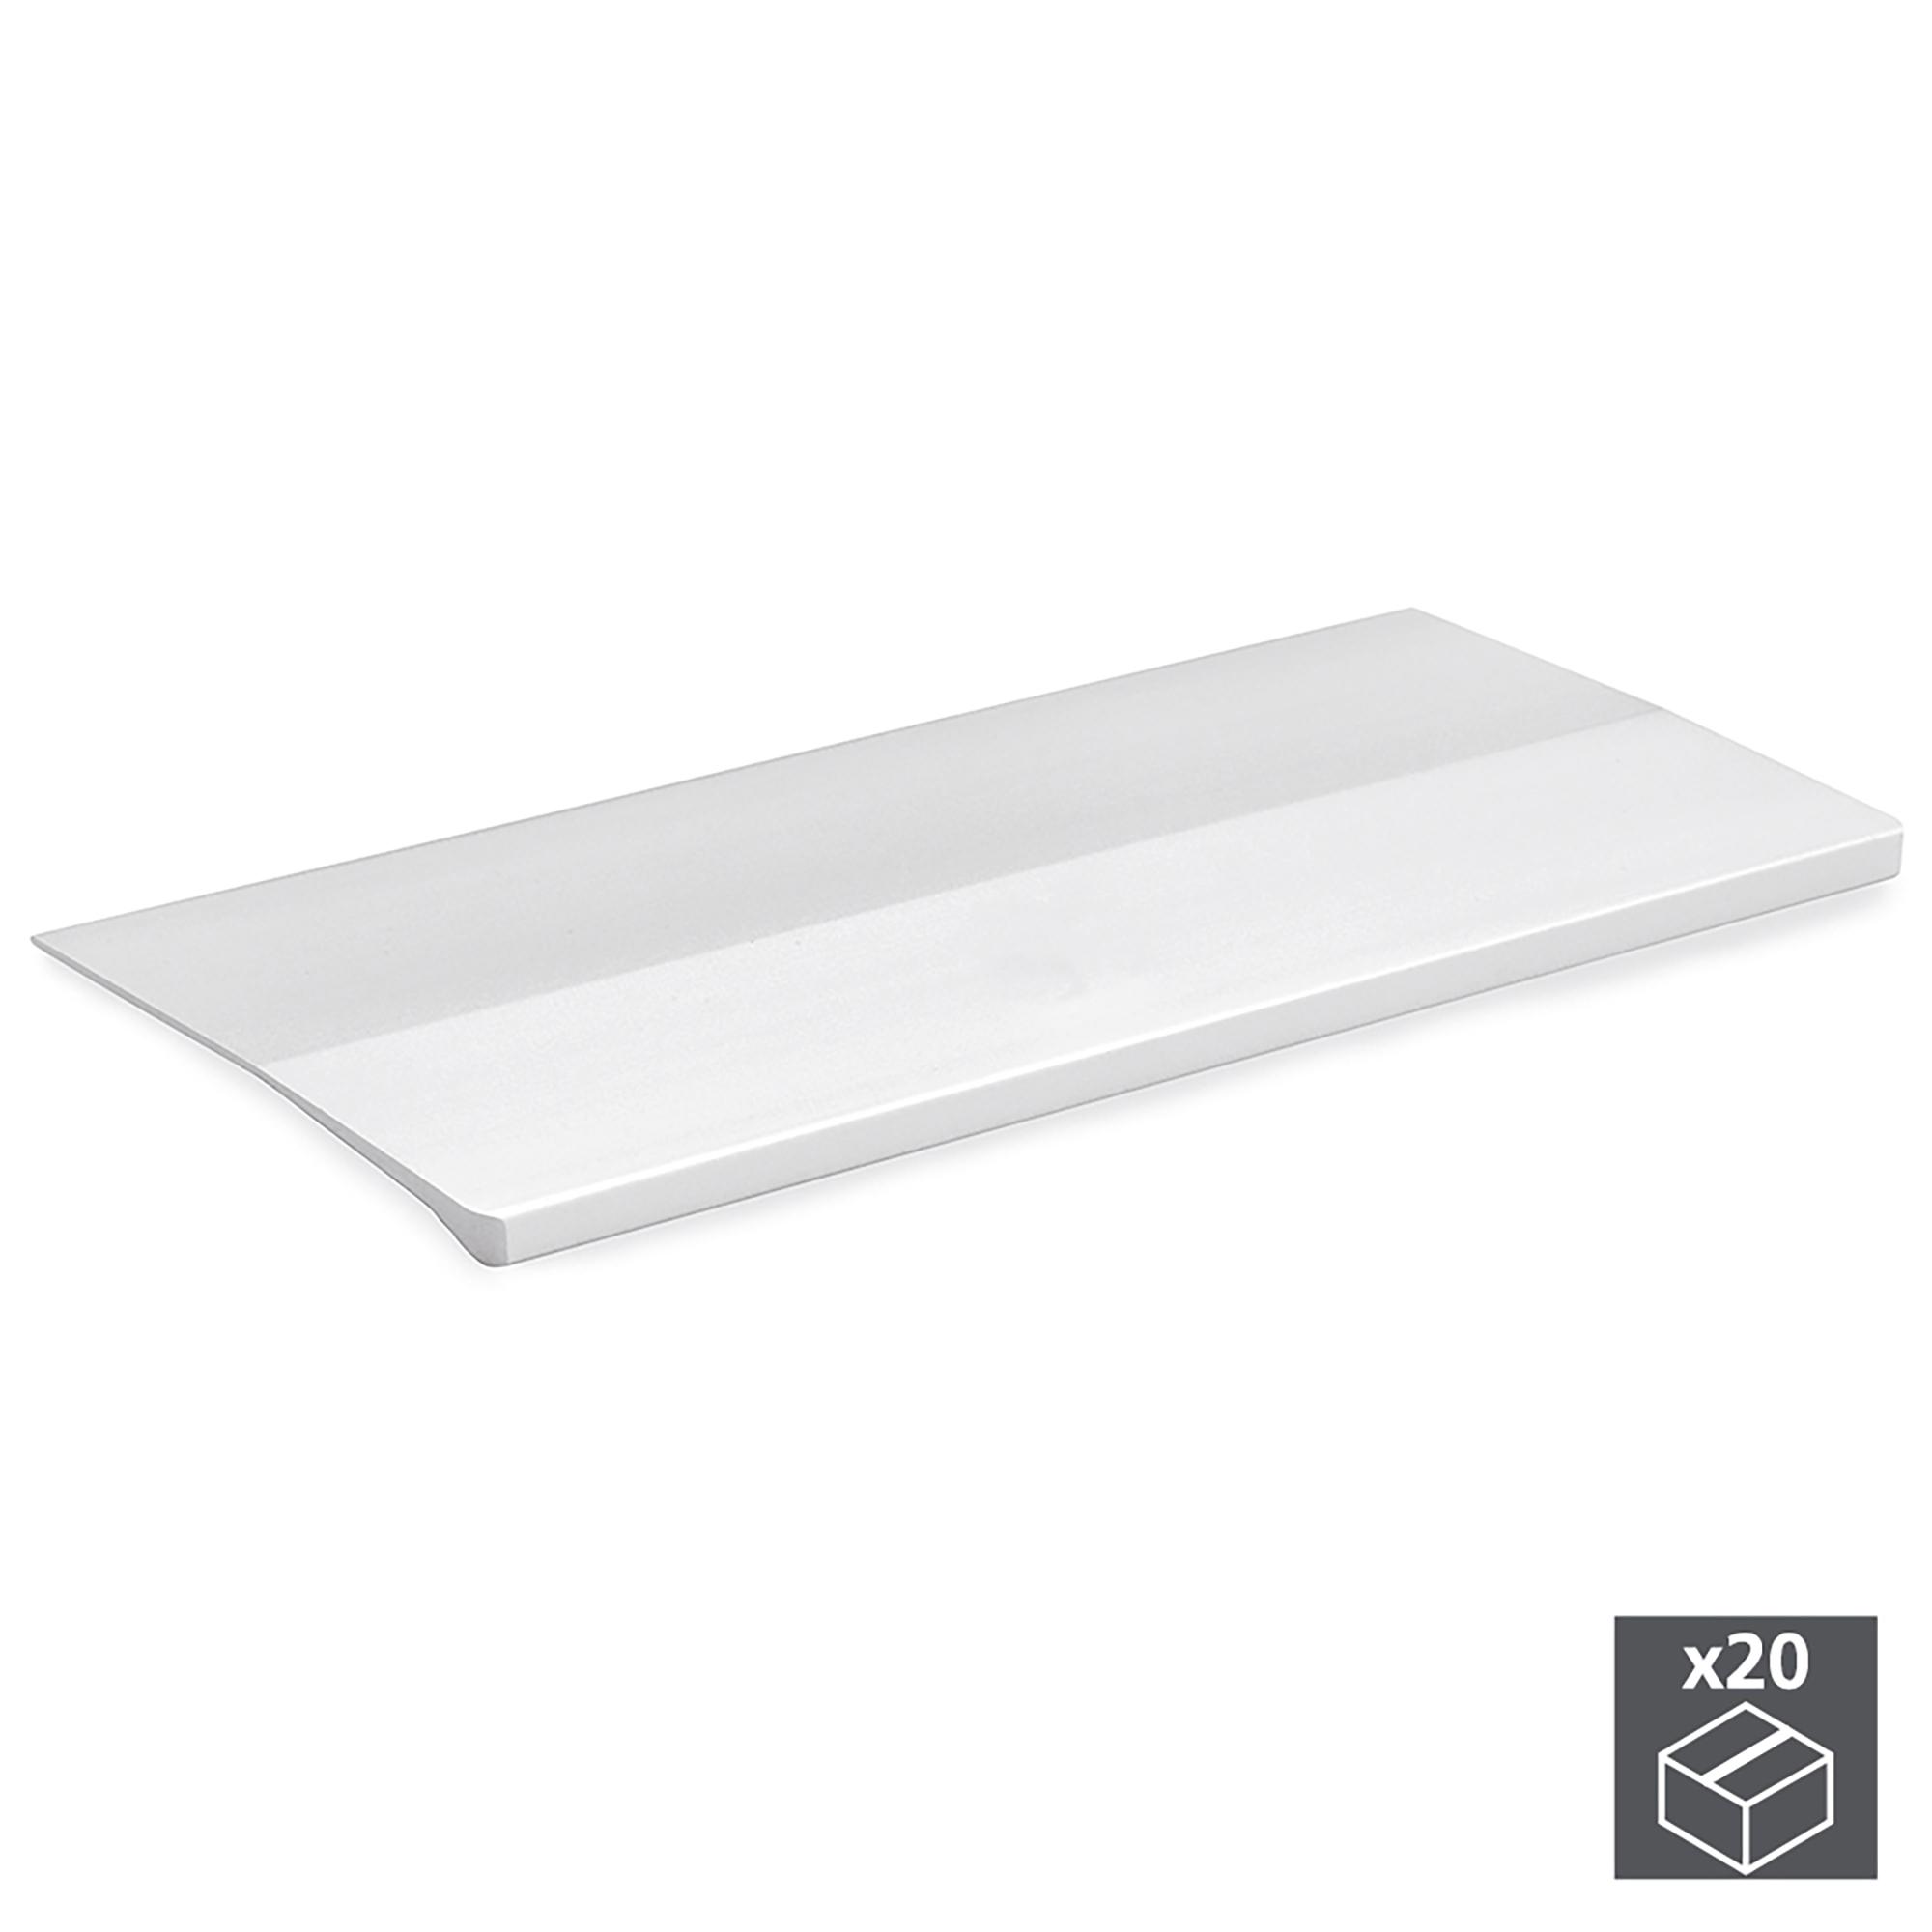 Emuca Maniglie adesive per mobile, 62 mm, Alluminio, Anodizzato opaco, 20 u.